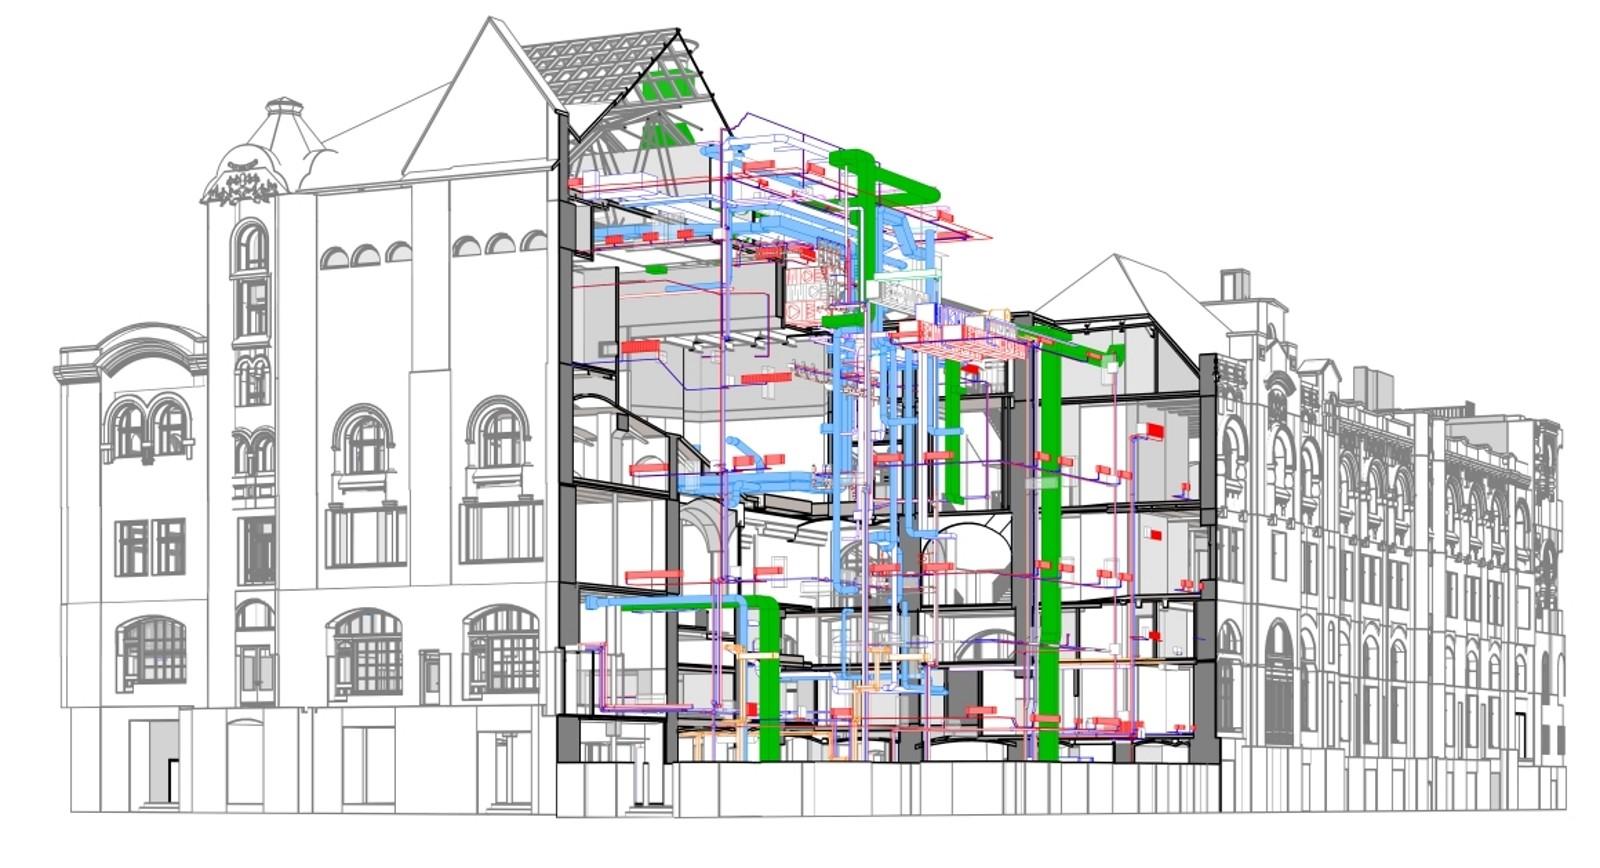 При реконструкции пристройка должна быть присоединена к основному зданию. Для этого возводятся общие стены, делаются проходы.